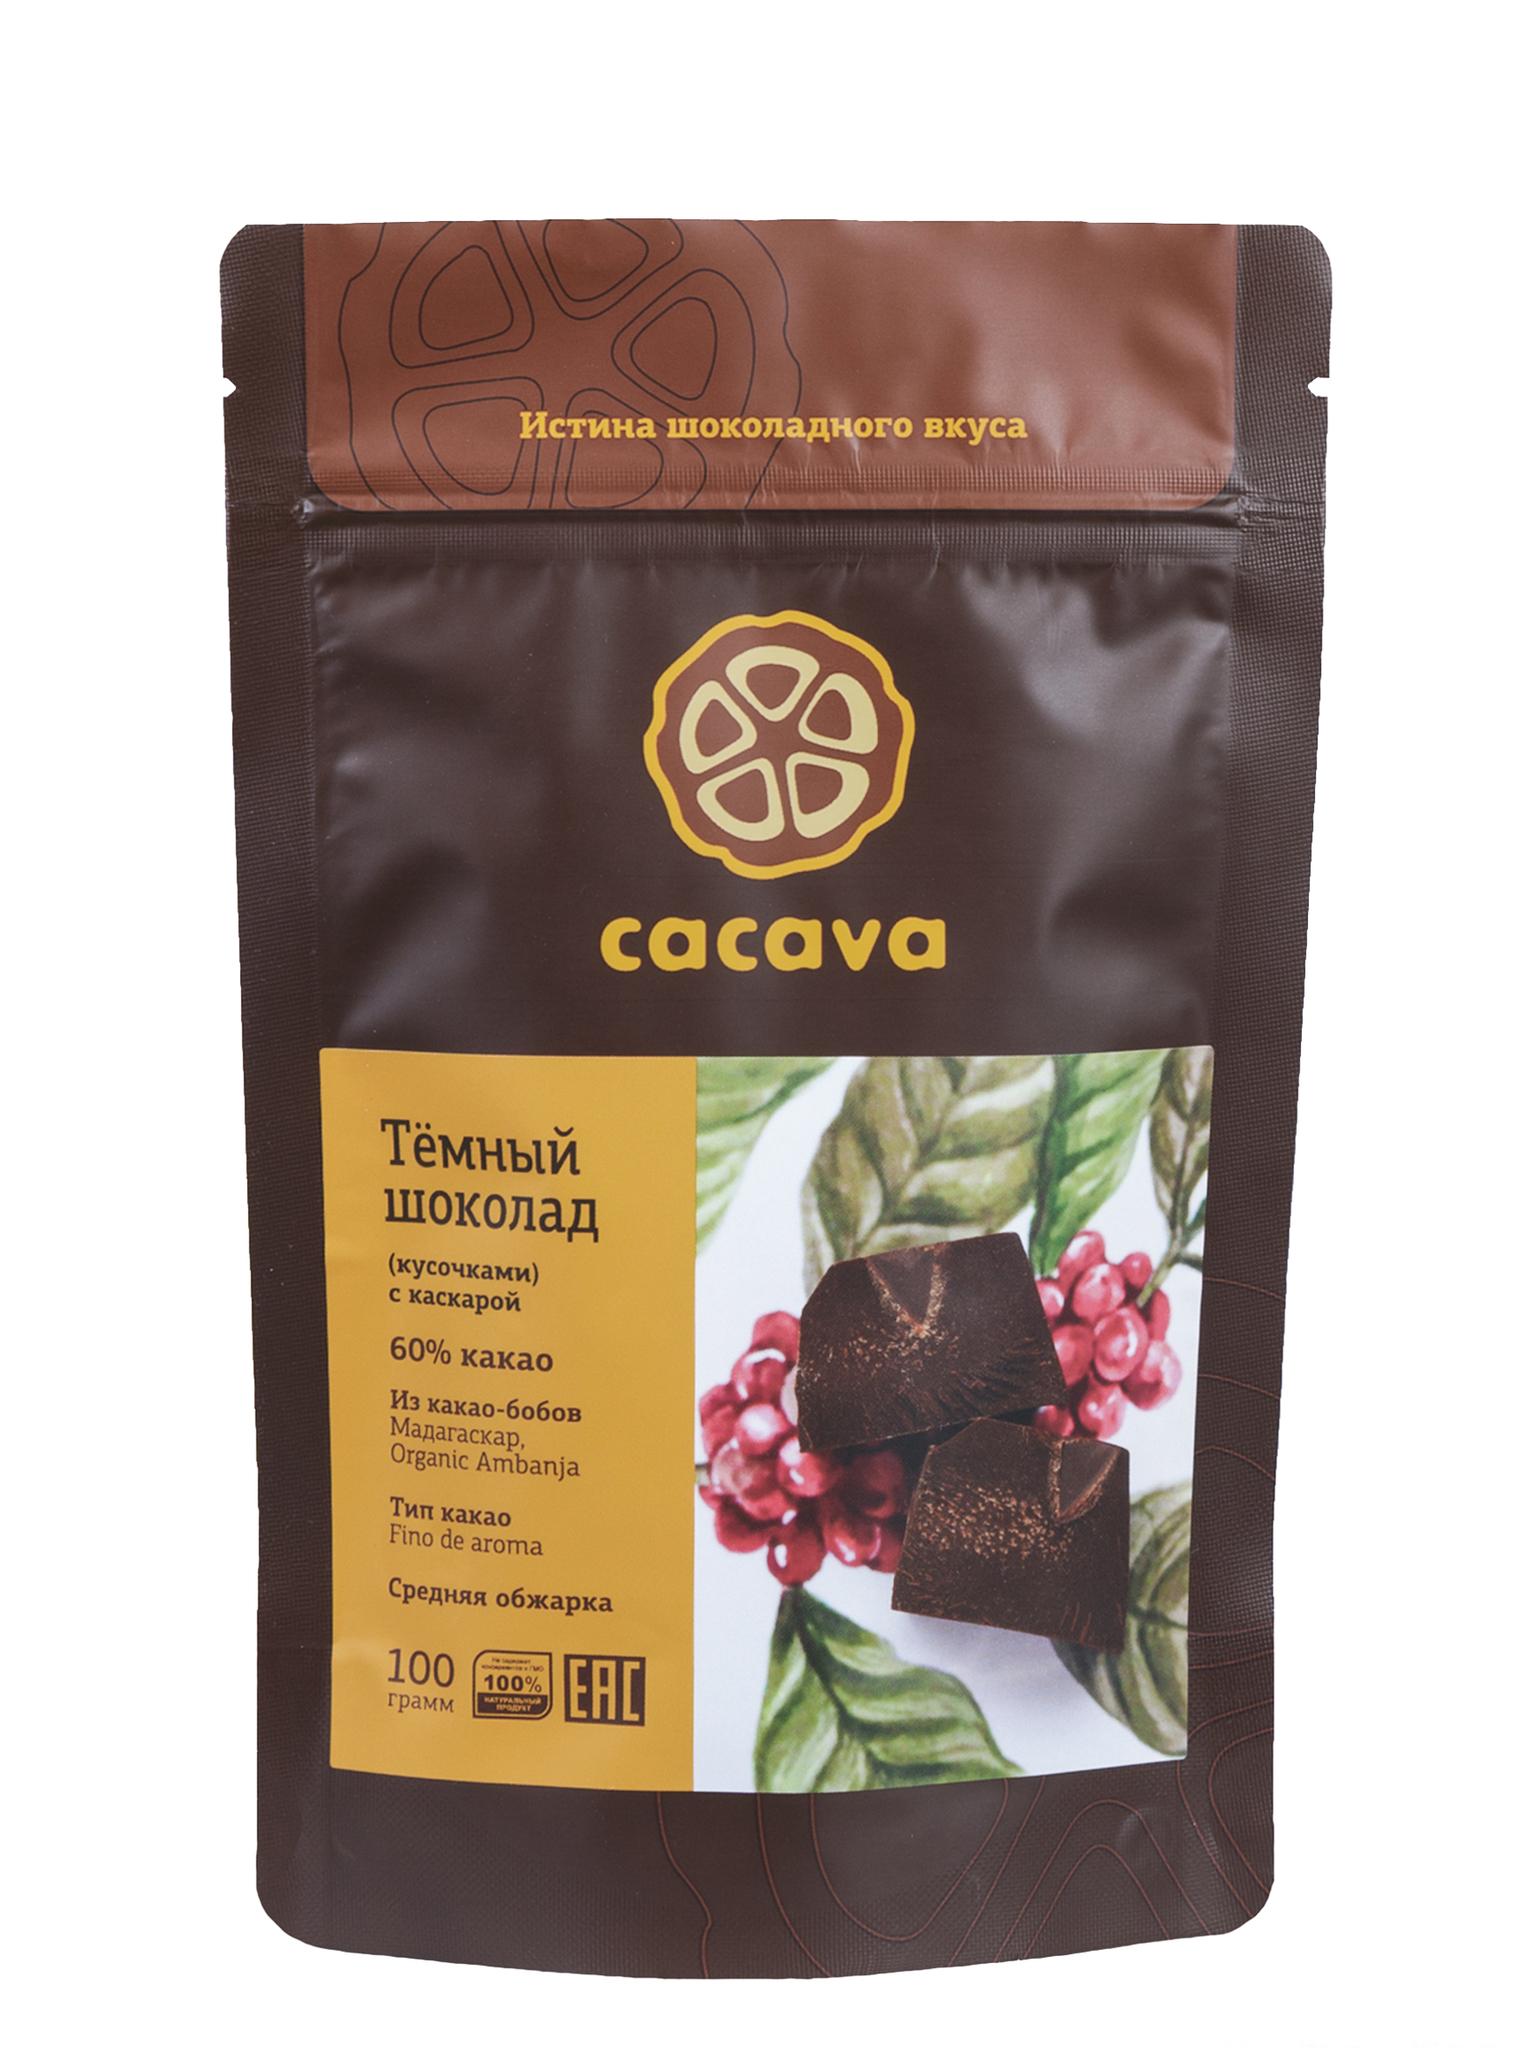 Тёмный шоколад с каскарой 60 % какао (Мадагаскар), упаковка 100 грамм